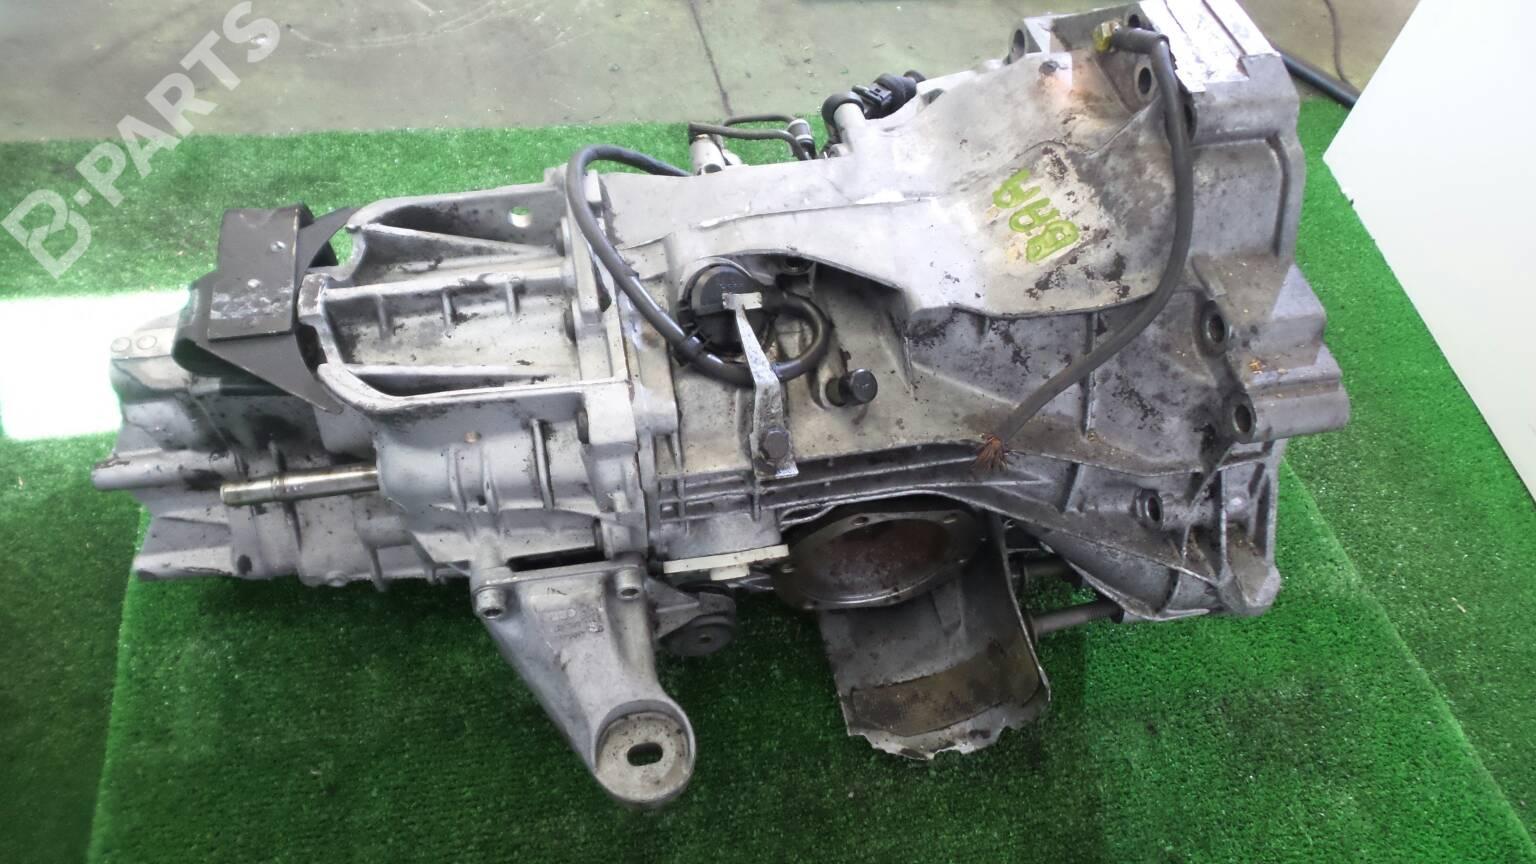 manual gearbox audi a4 8d2 b5 1 9 tdi 89507 rh b parts com AFN Europe Spangdahlem AFN Europe Spangdahlem